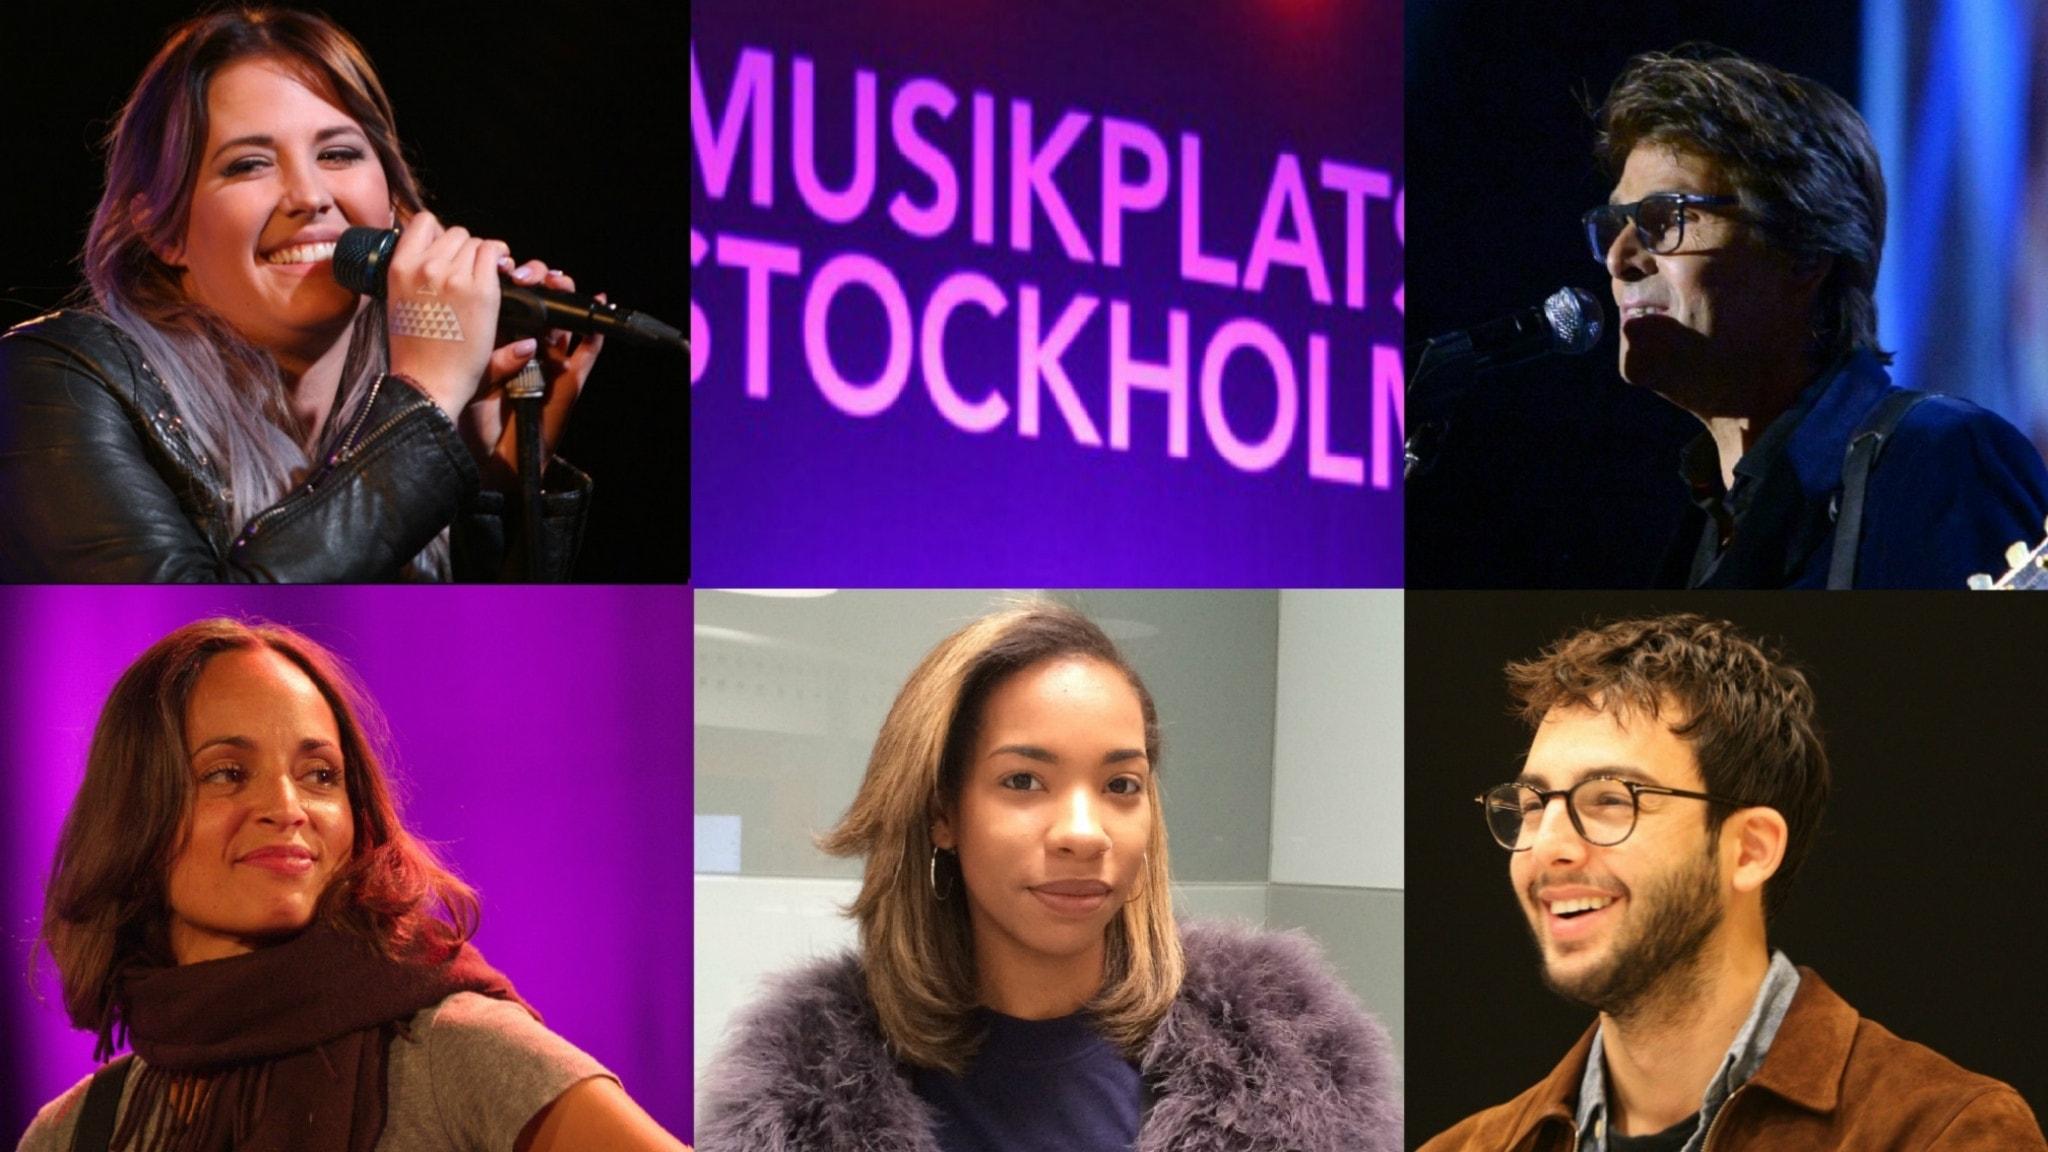 Musikplats Special för Världens Barn med Fredrik Eliasson & Lasse Persson